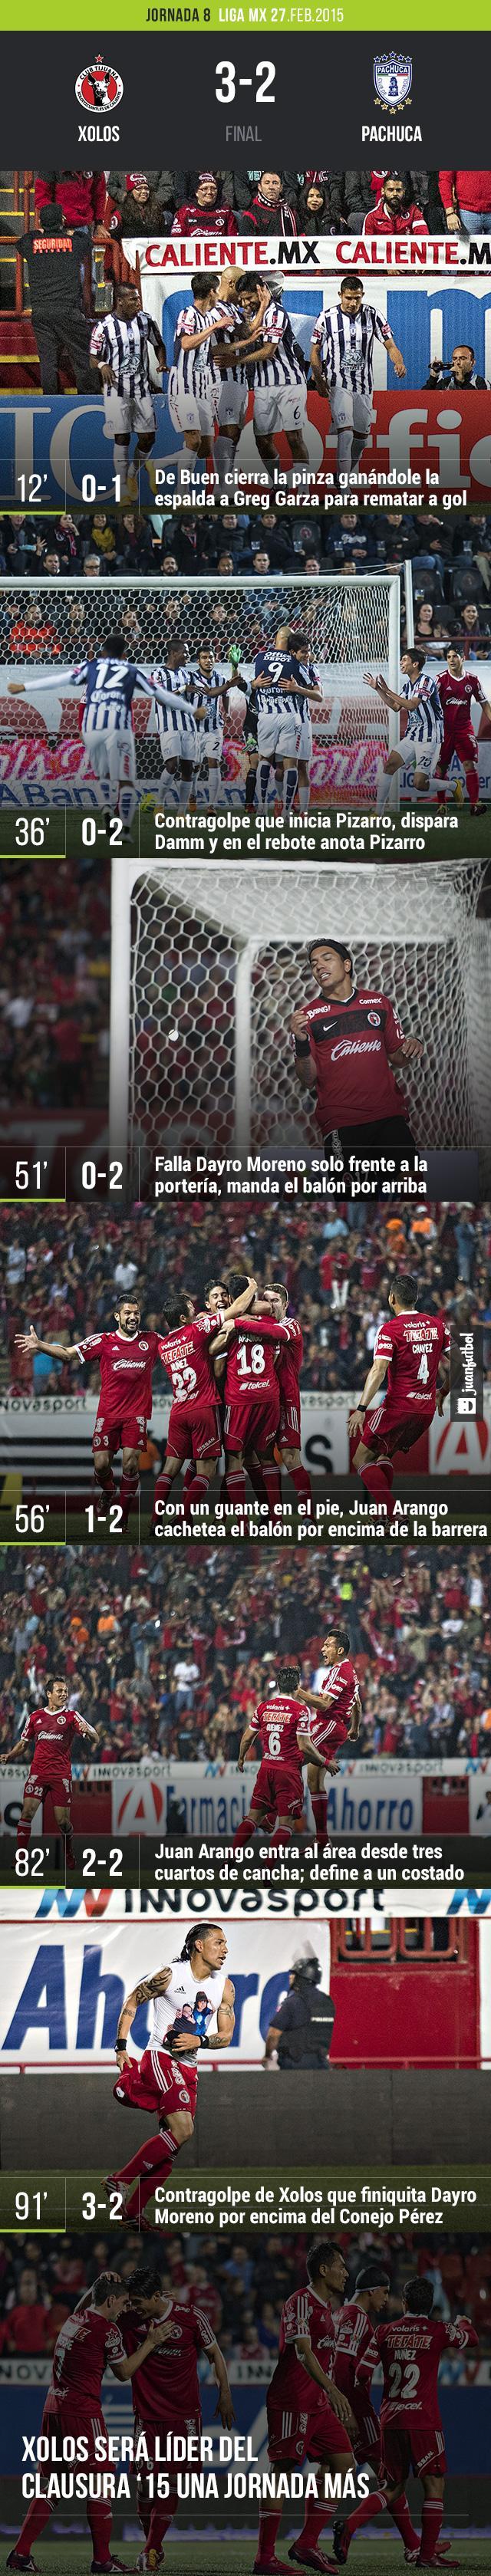 Tijuana 3-2 Pachuca